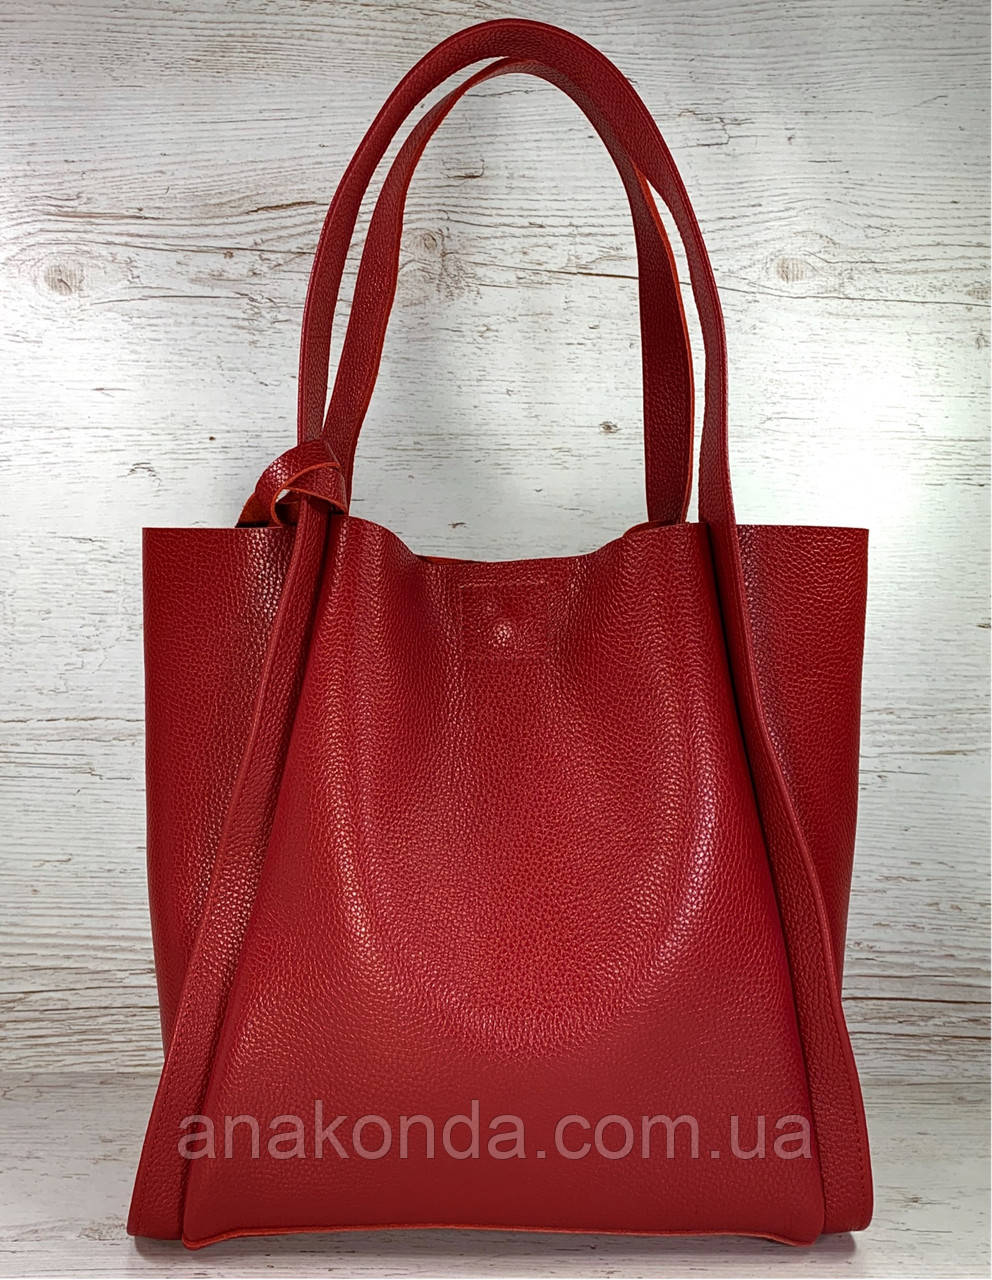 156 Натуральная кожа, Сумка женская шоппер красная красная Кожаная натуральная сумка женская на плечо красная